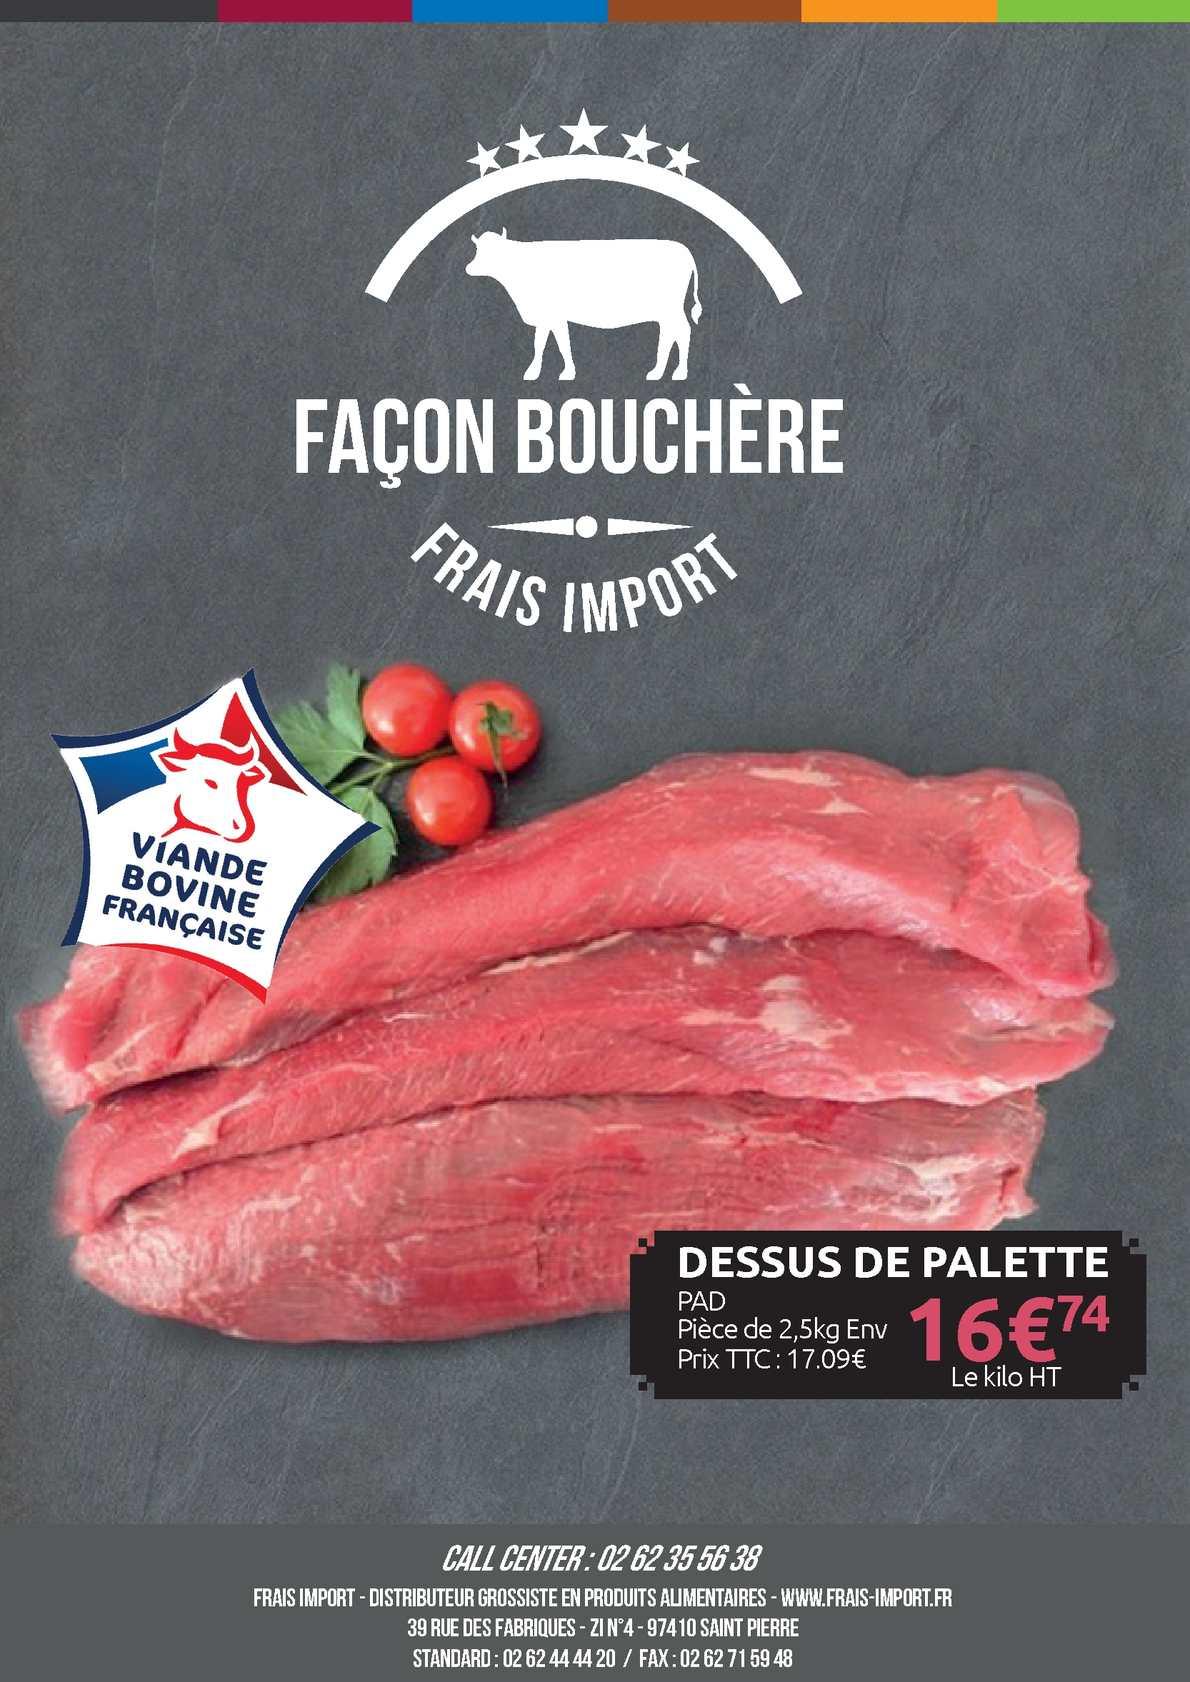 viande bovine française logo